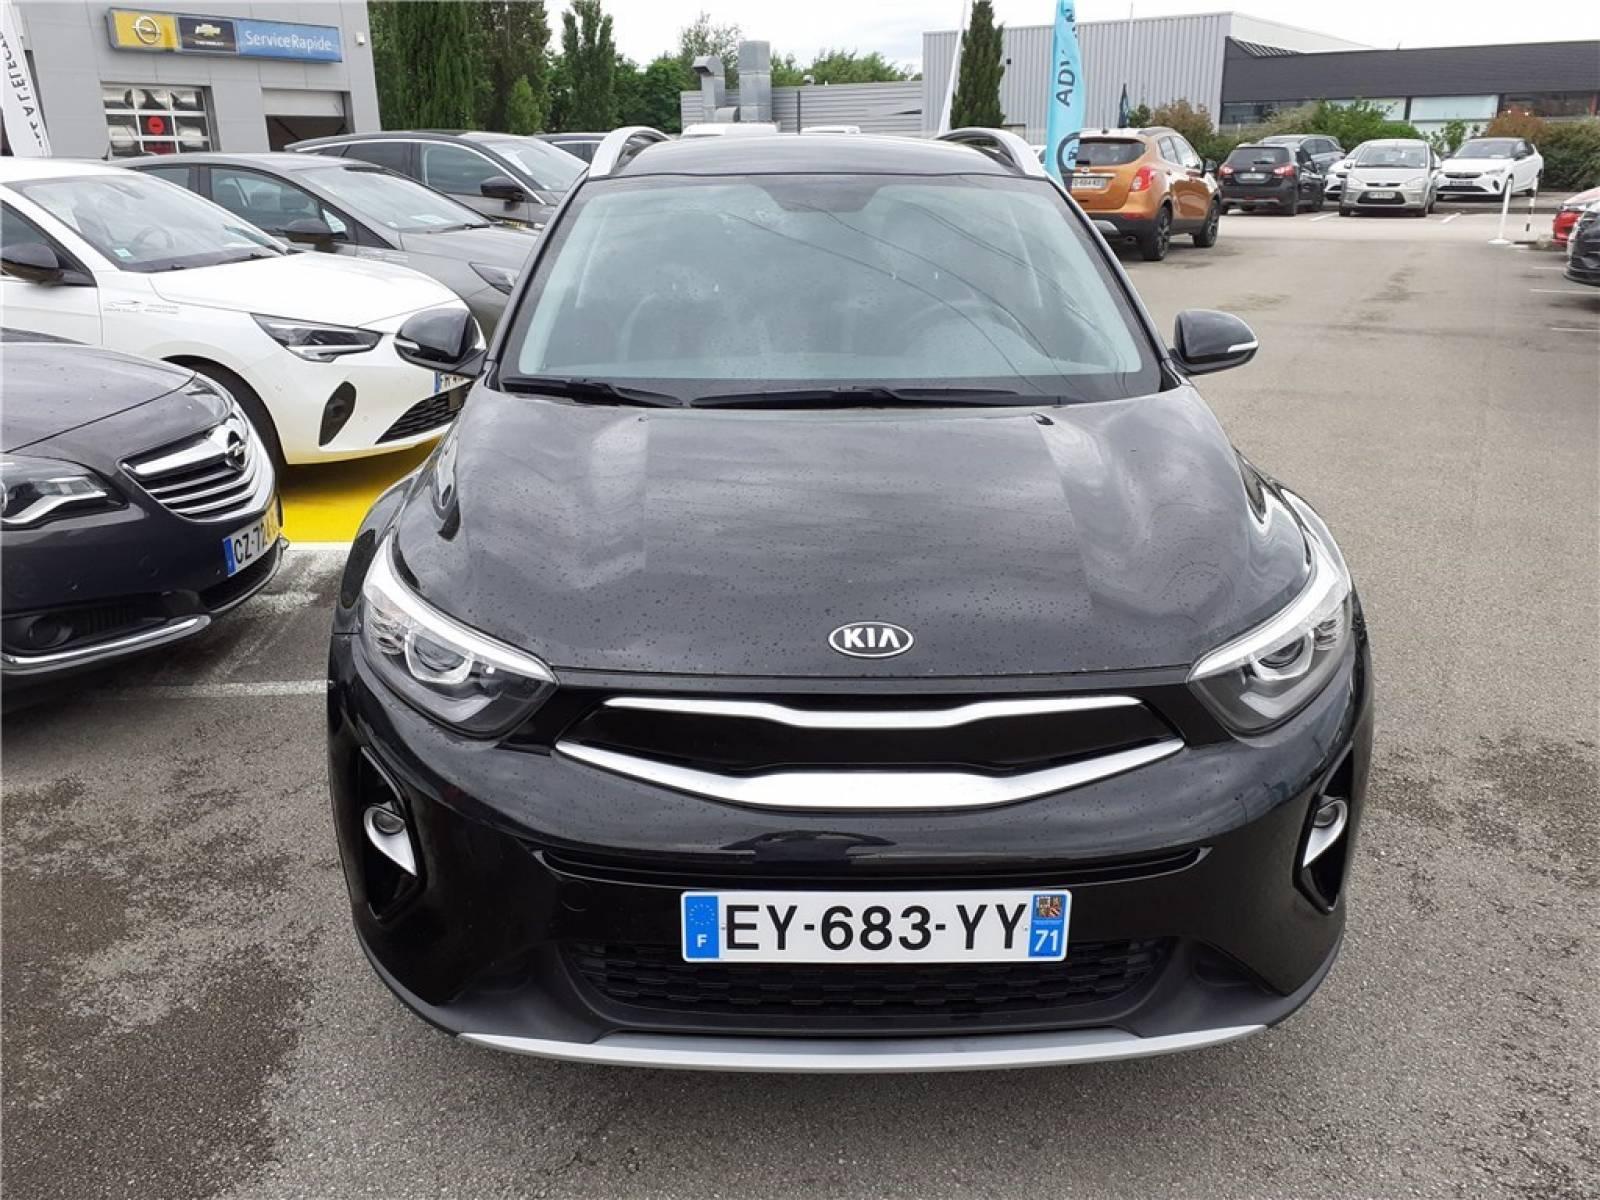 KIA Stonic 1.0 T-GDi 120 ch - véhicule d'occasion - Groupe Guillet - Hall de l'automobile - Chalon sur Saône - 71380 - Saint-Marcel - 1